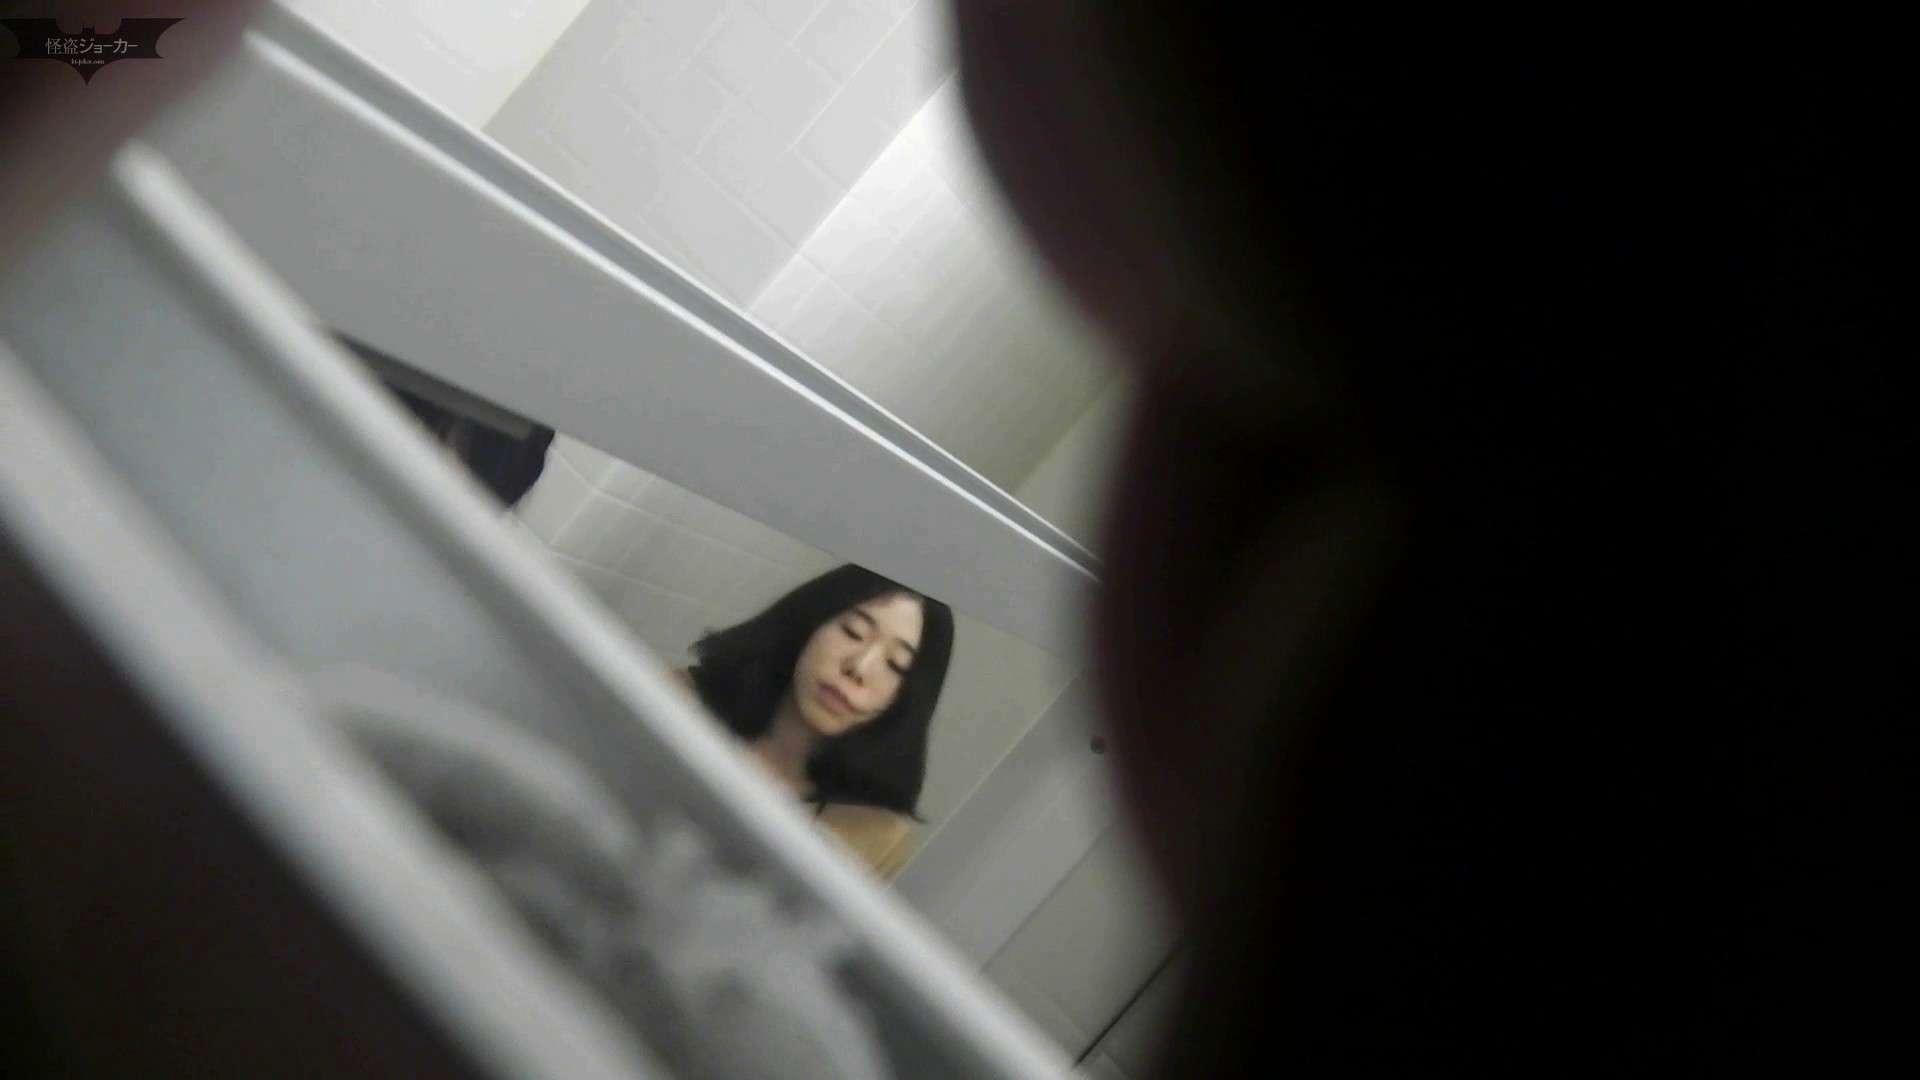 巨乳 乳首:お銀さんの「洗面所突入レポート!!」 vol.53 冬到来!美女も到来!:怪盗ジョーカー